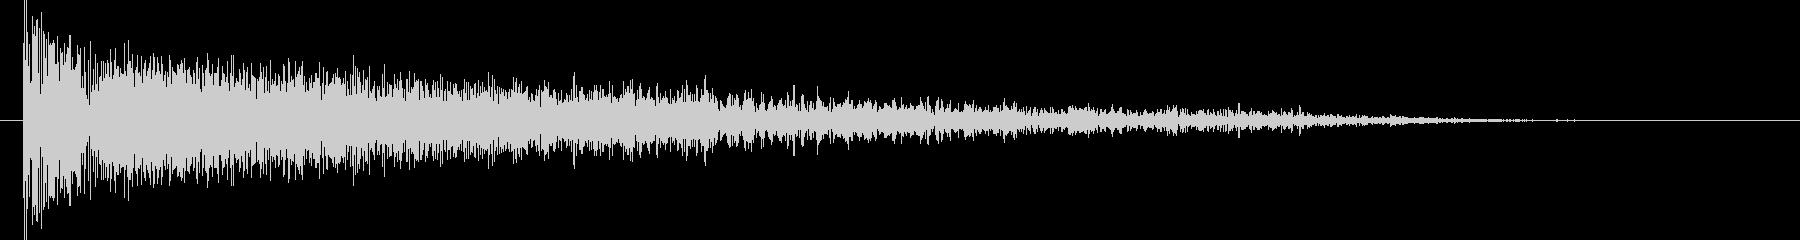 衝撃 歪んだ爆発ステレオ01の未再生の波形